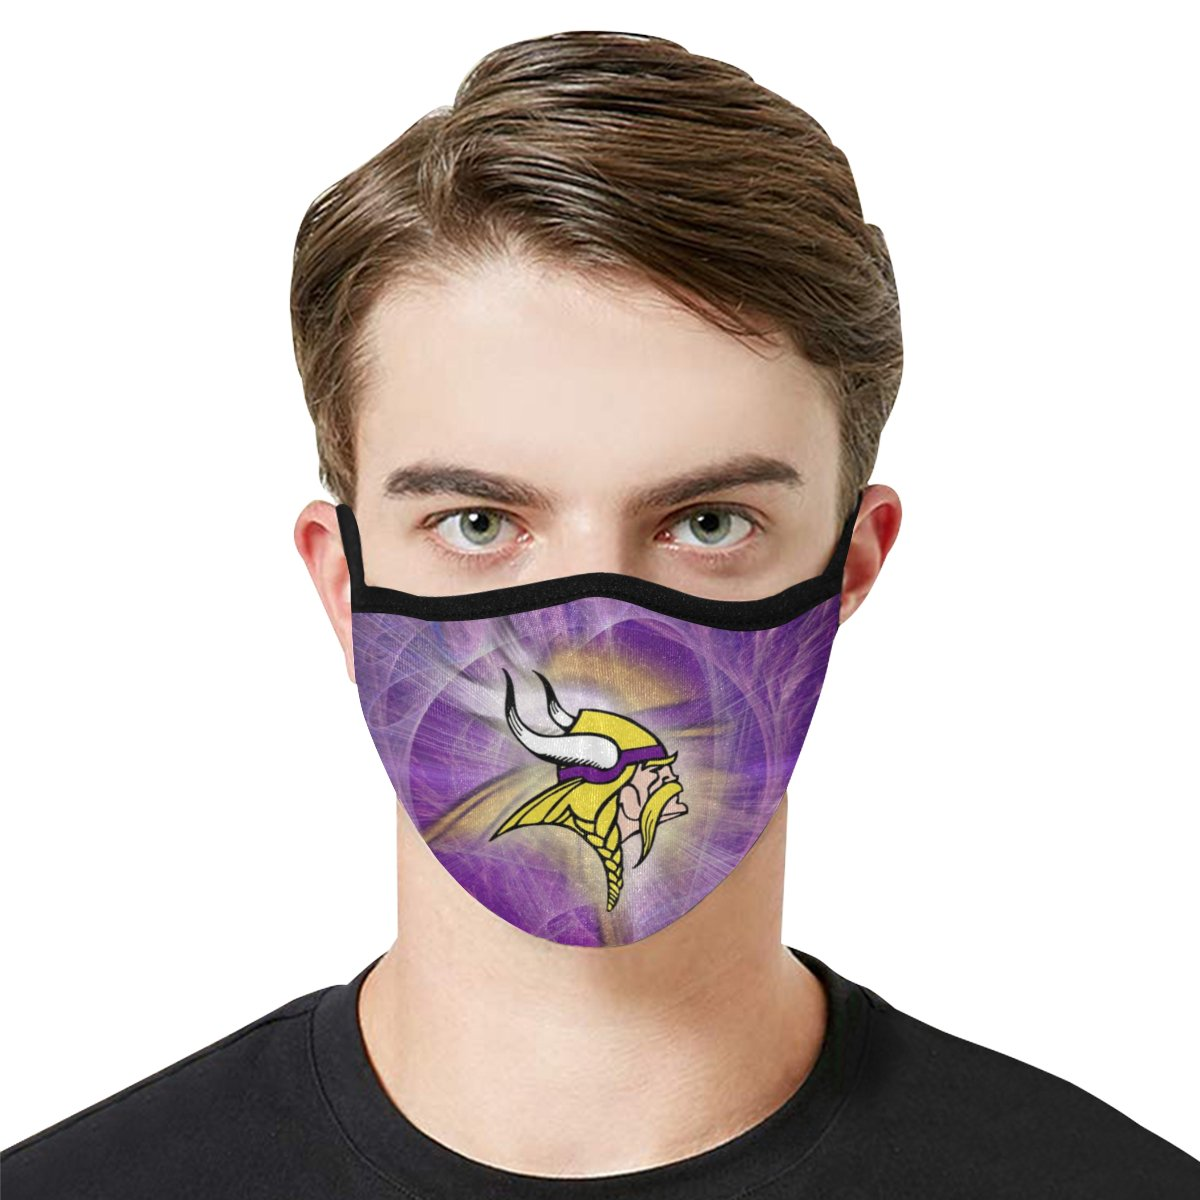 Face Mask Filter PM2.5 Minnesota Vikings Face Mask Filter PM2.5